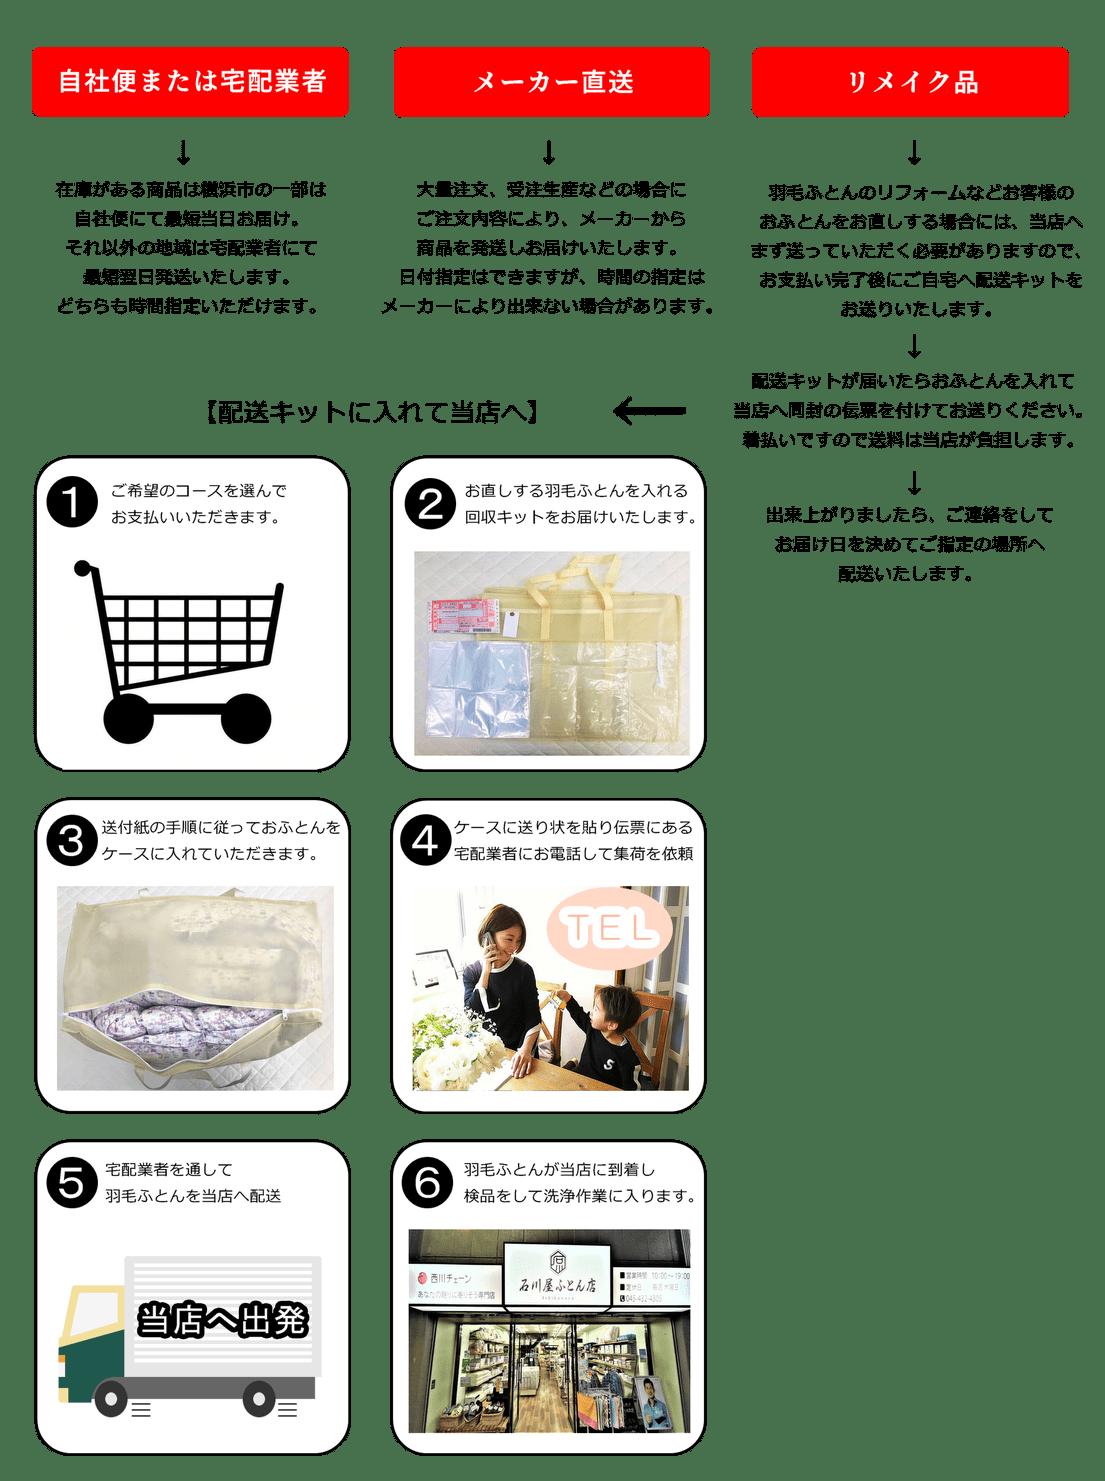 自社便または宅配業者、在庫がある商品は横浜市の一部は自社便にて最短当日お届け。それ以外の地域は宅配業者にて最短翌日発送いたします。どちらも時間指定いただけます。 メーカー直送、大量注文、受注生産などの場合にご注文内容により、メーカーから商品を発送しお届けいたします。日付指定はできますが、時間の指定はメーカーにより出来ない場合があります。 リメイク品、羽毛ふとんのリフォームなどお客様のおふとんをお直しする場合には、当店へまず送っていただく必要がありますので、お支払い完了後にご自宅へ配送キットをお送りいたします。配送キットが届いたらおふとんを入れて当店へ同封の伝票を付けてお送りください。着払いですので送料は当店が負担します。 出来上がりましたら、ご連絡をしてお届け日を決めてご指定の場所へ配送いたします。